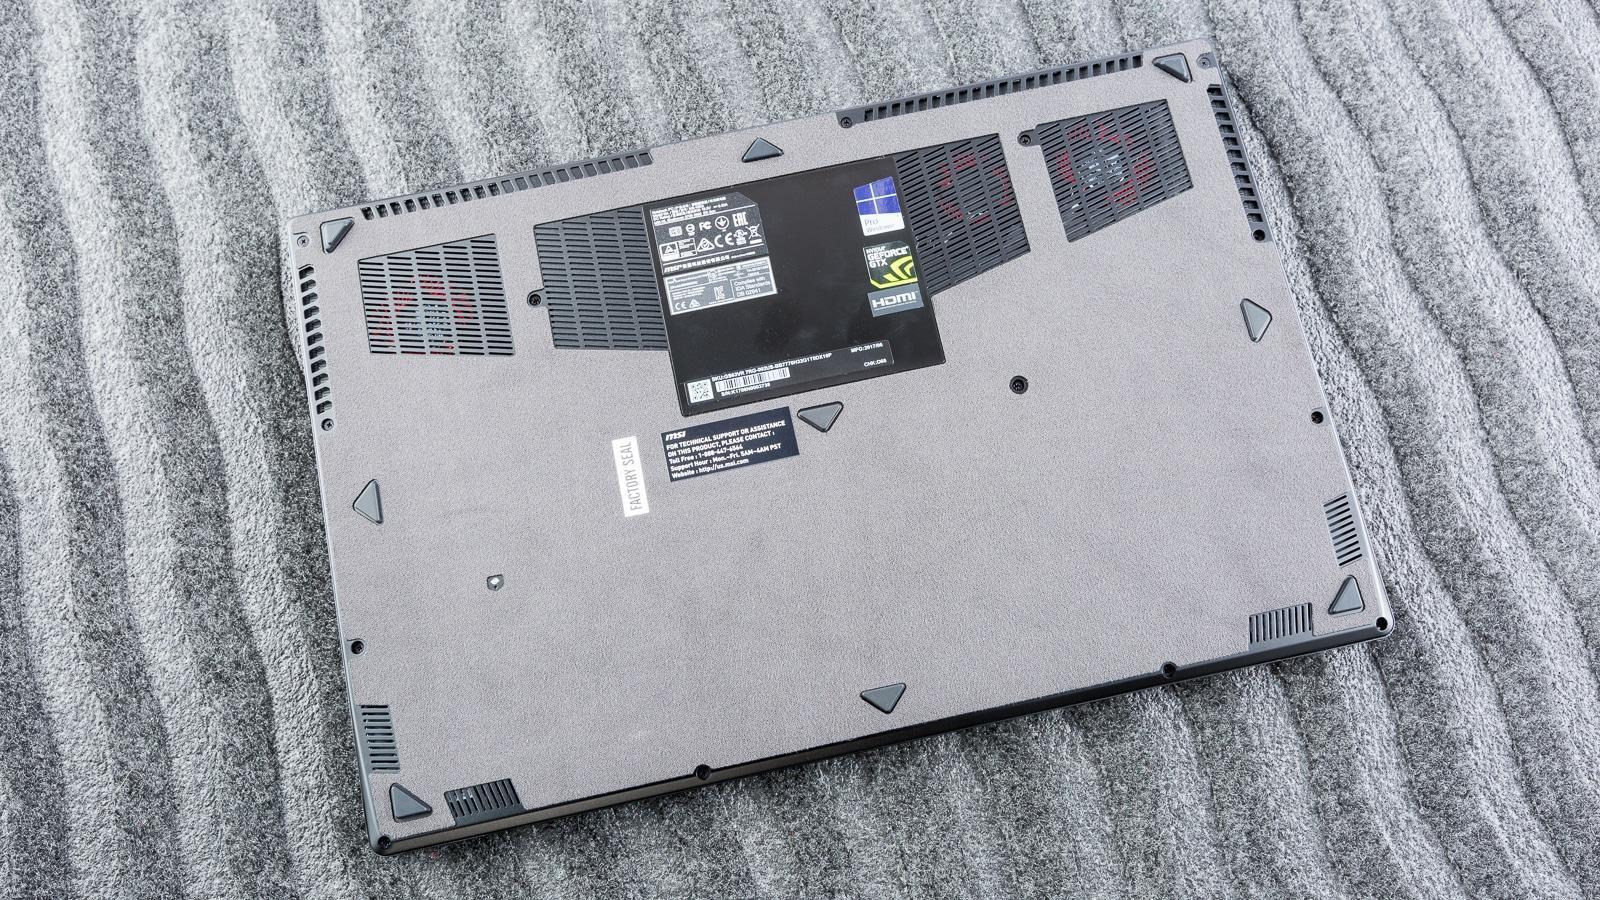 توجه زیاد به جریان هوا در سیستم لپ تاپ